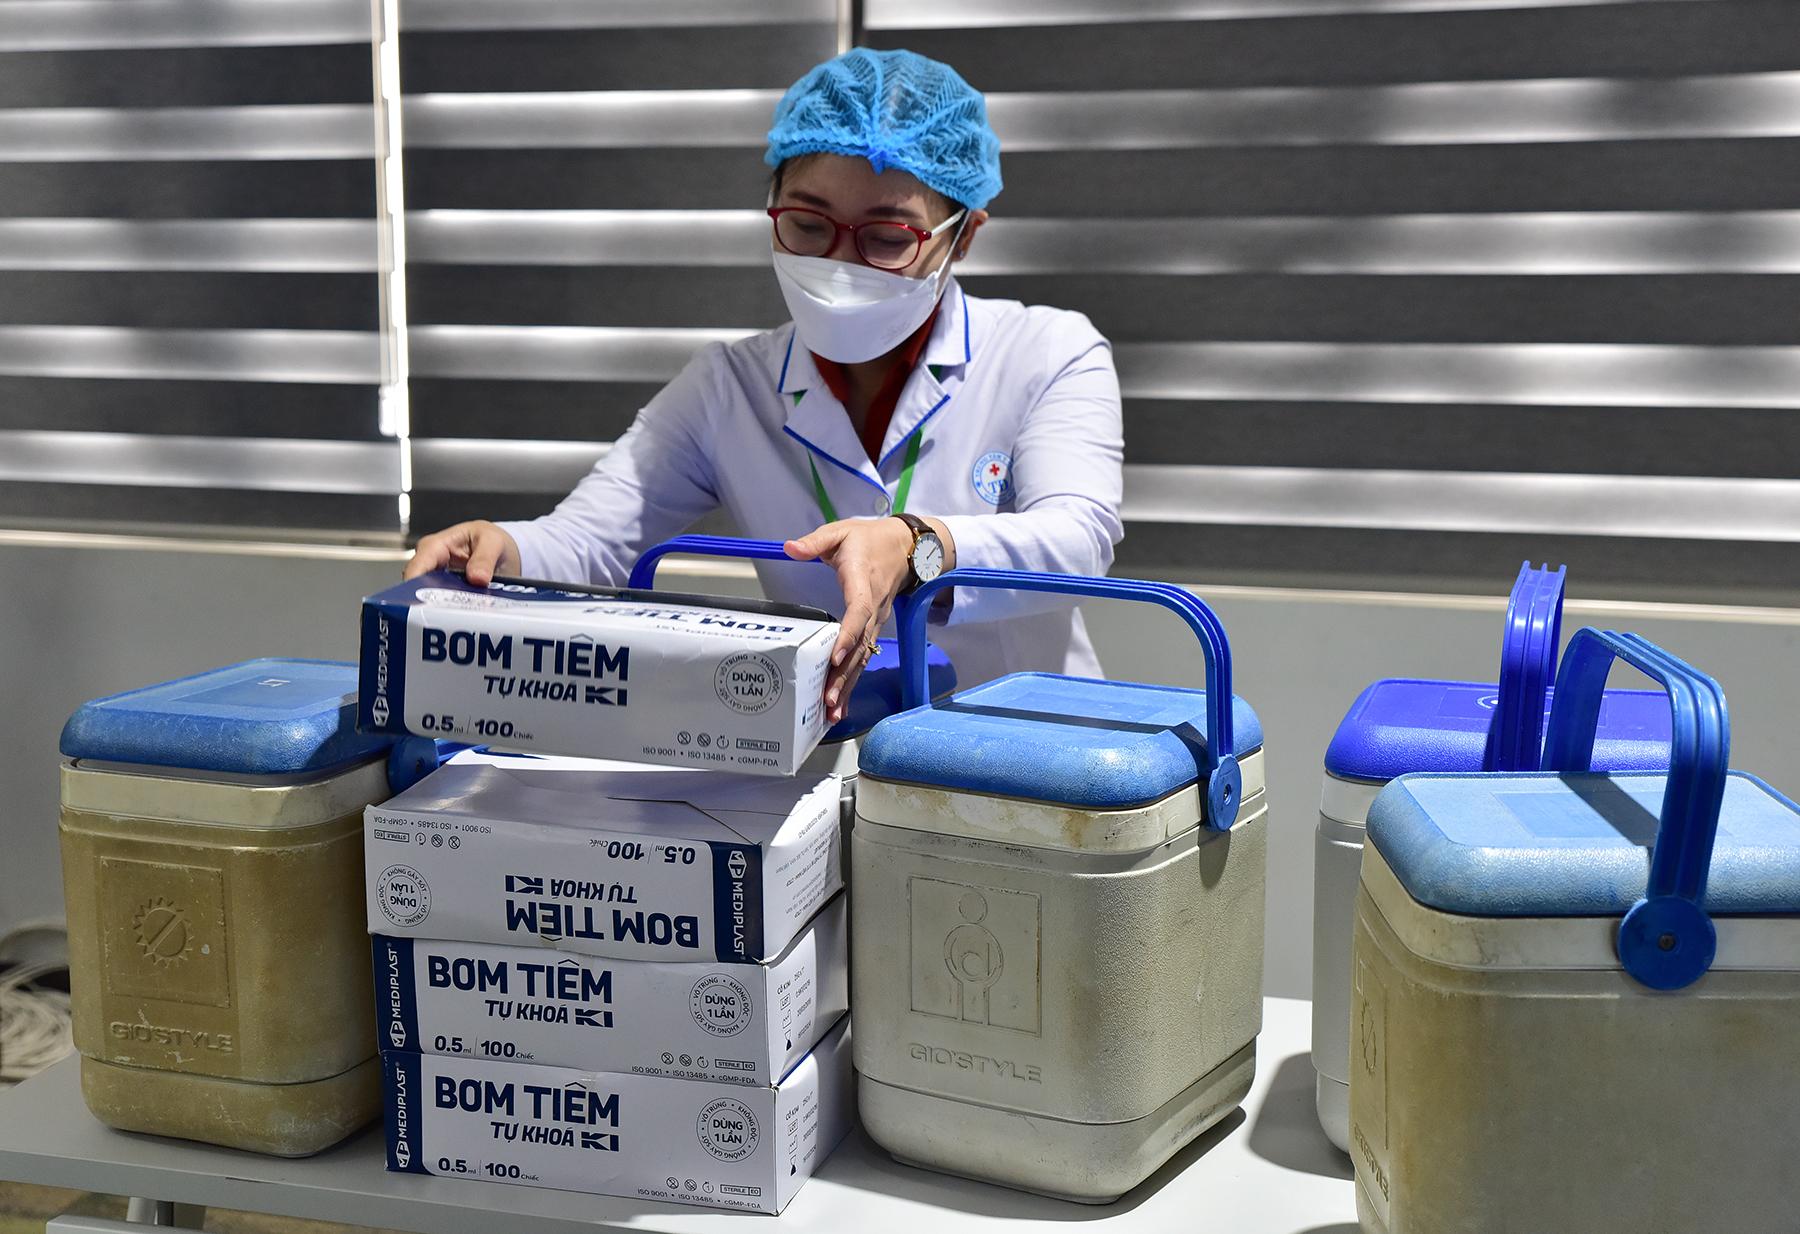 Ảnh: 500 công nhân mở đầu chiến dịch tiêm vắc xin ngừa COVID-19 lớn nhất ở TP.HCM - 4